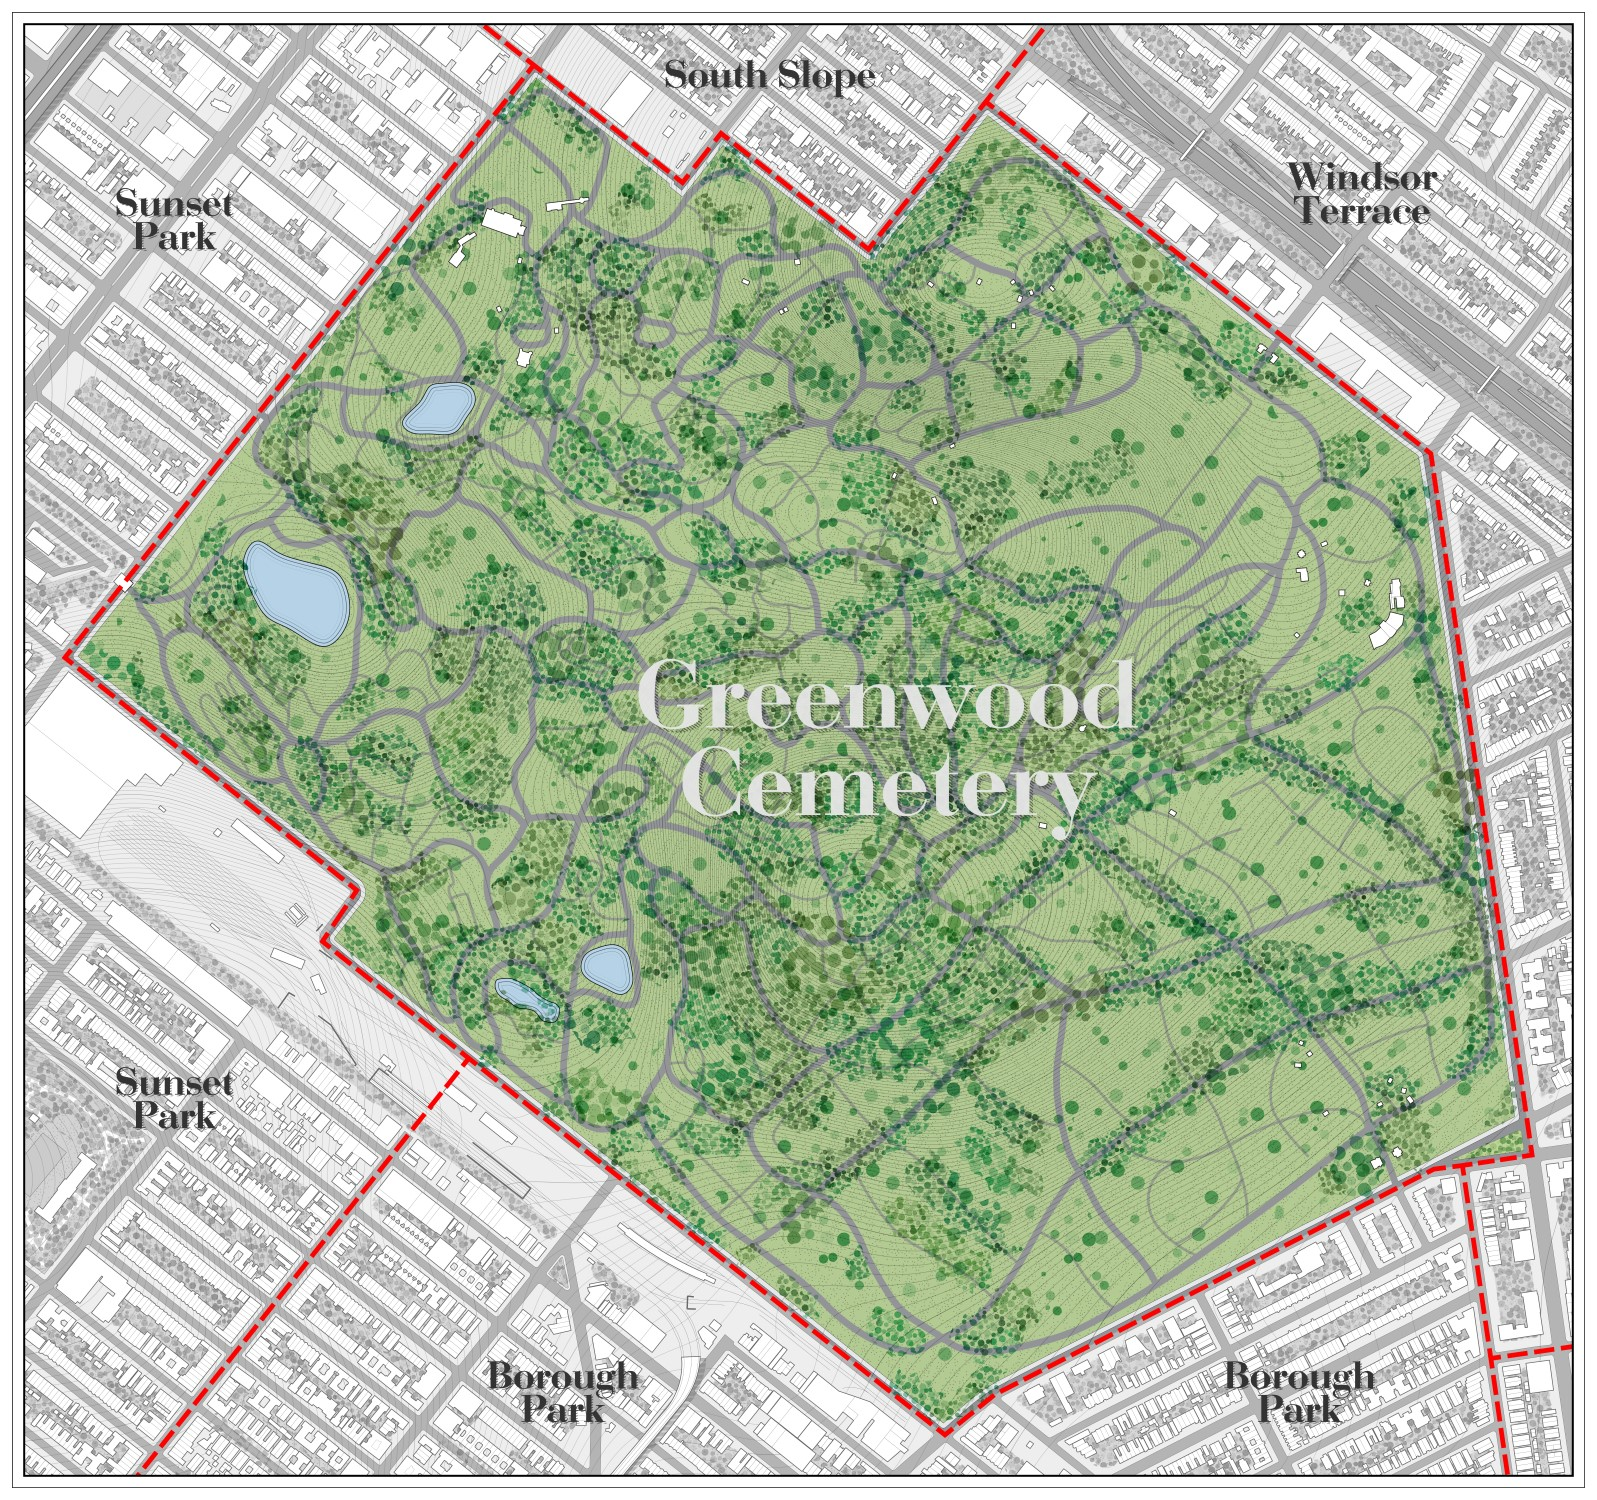 GreenwoodCemeteryFinal.jpg